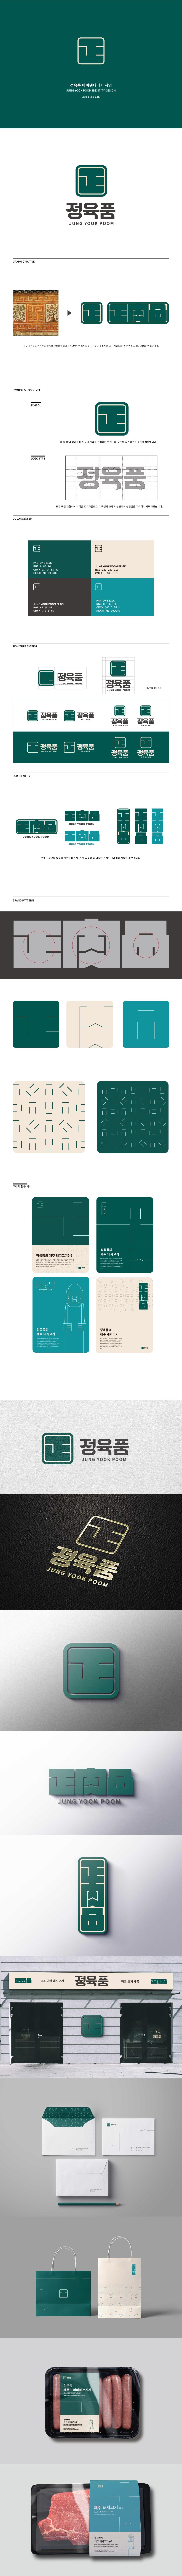 브랜딩 SET | 정육품 로고 디자인 [브랜드 컨셉] | 라우드소싱 포트폴리오